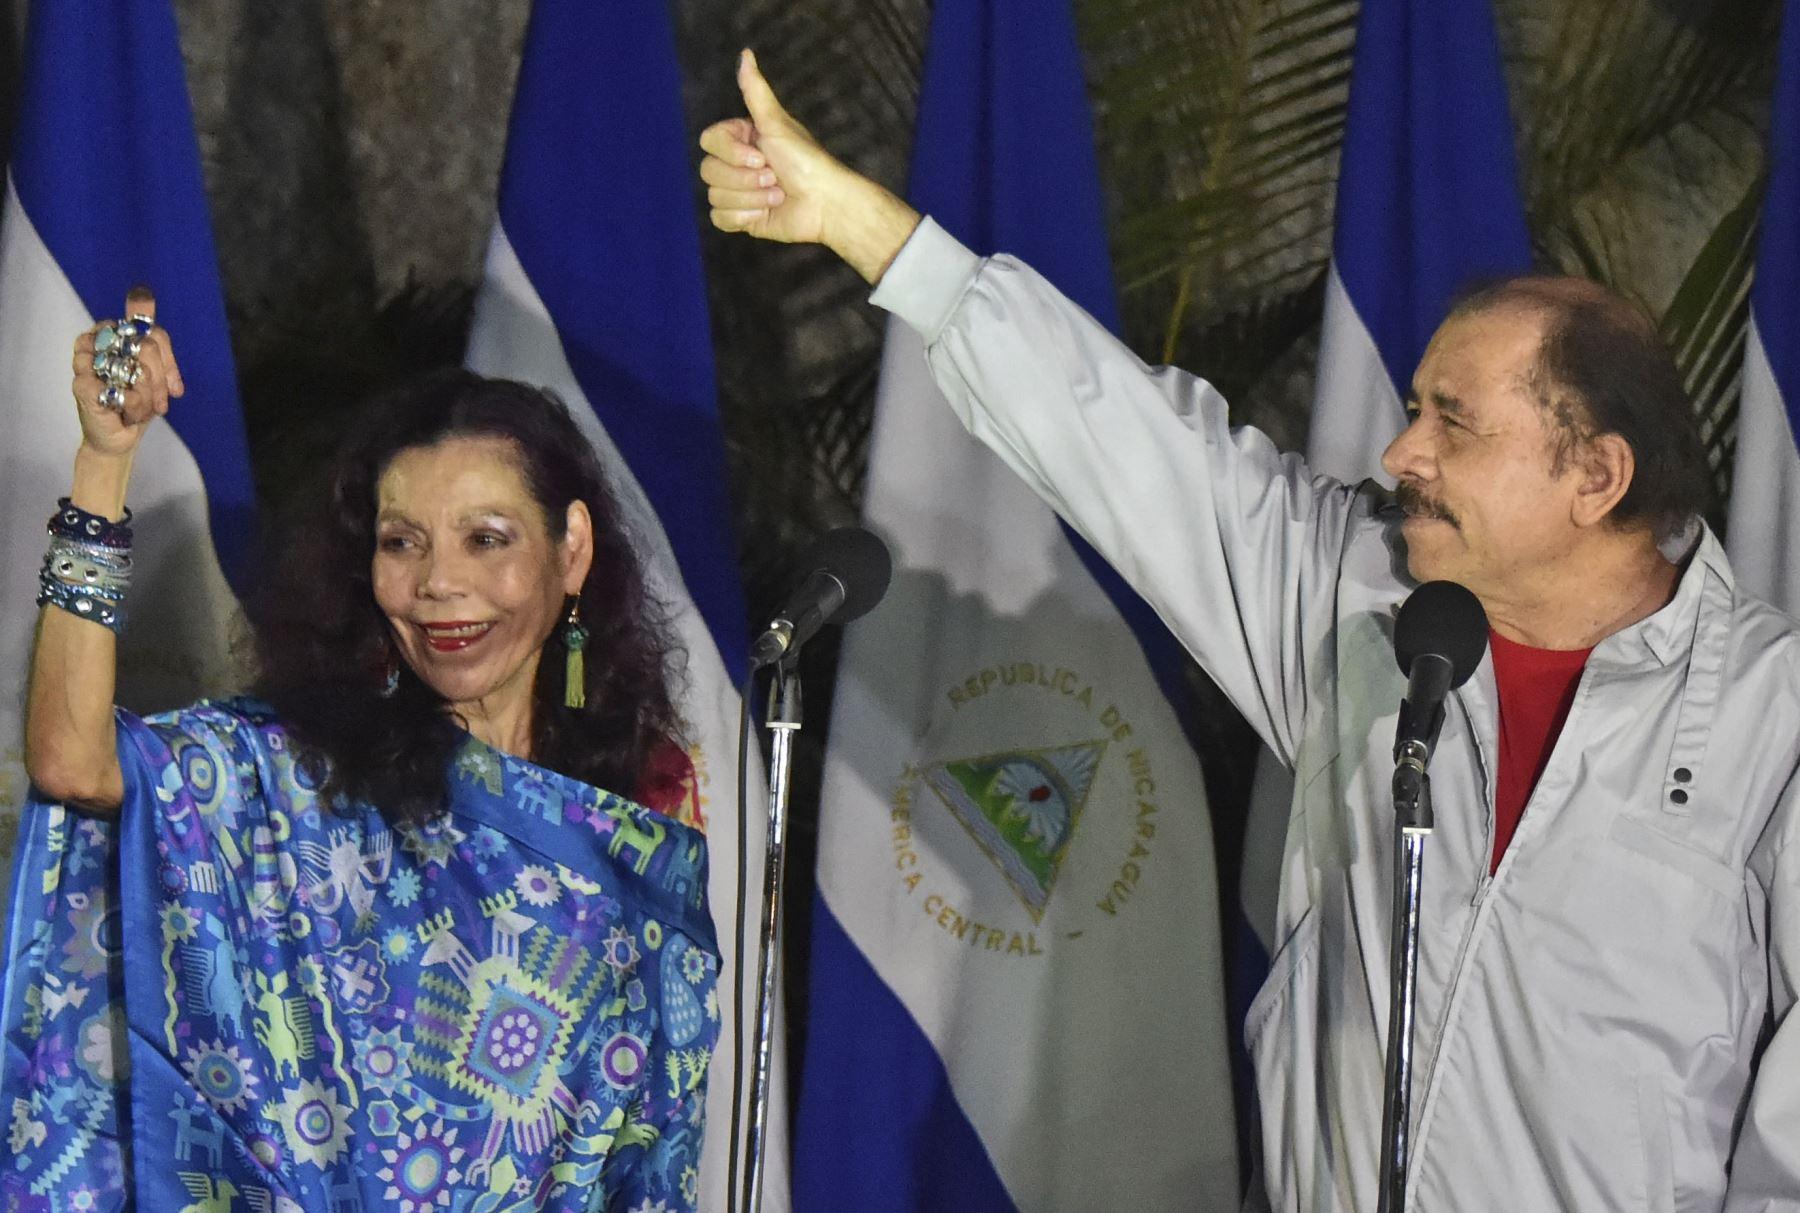 El presidente nicaragüense Daniel Ortega y la vicepresidenta, su esposa Rosario Murillo Foto: AFP